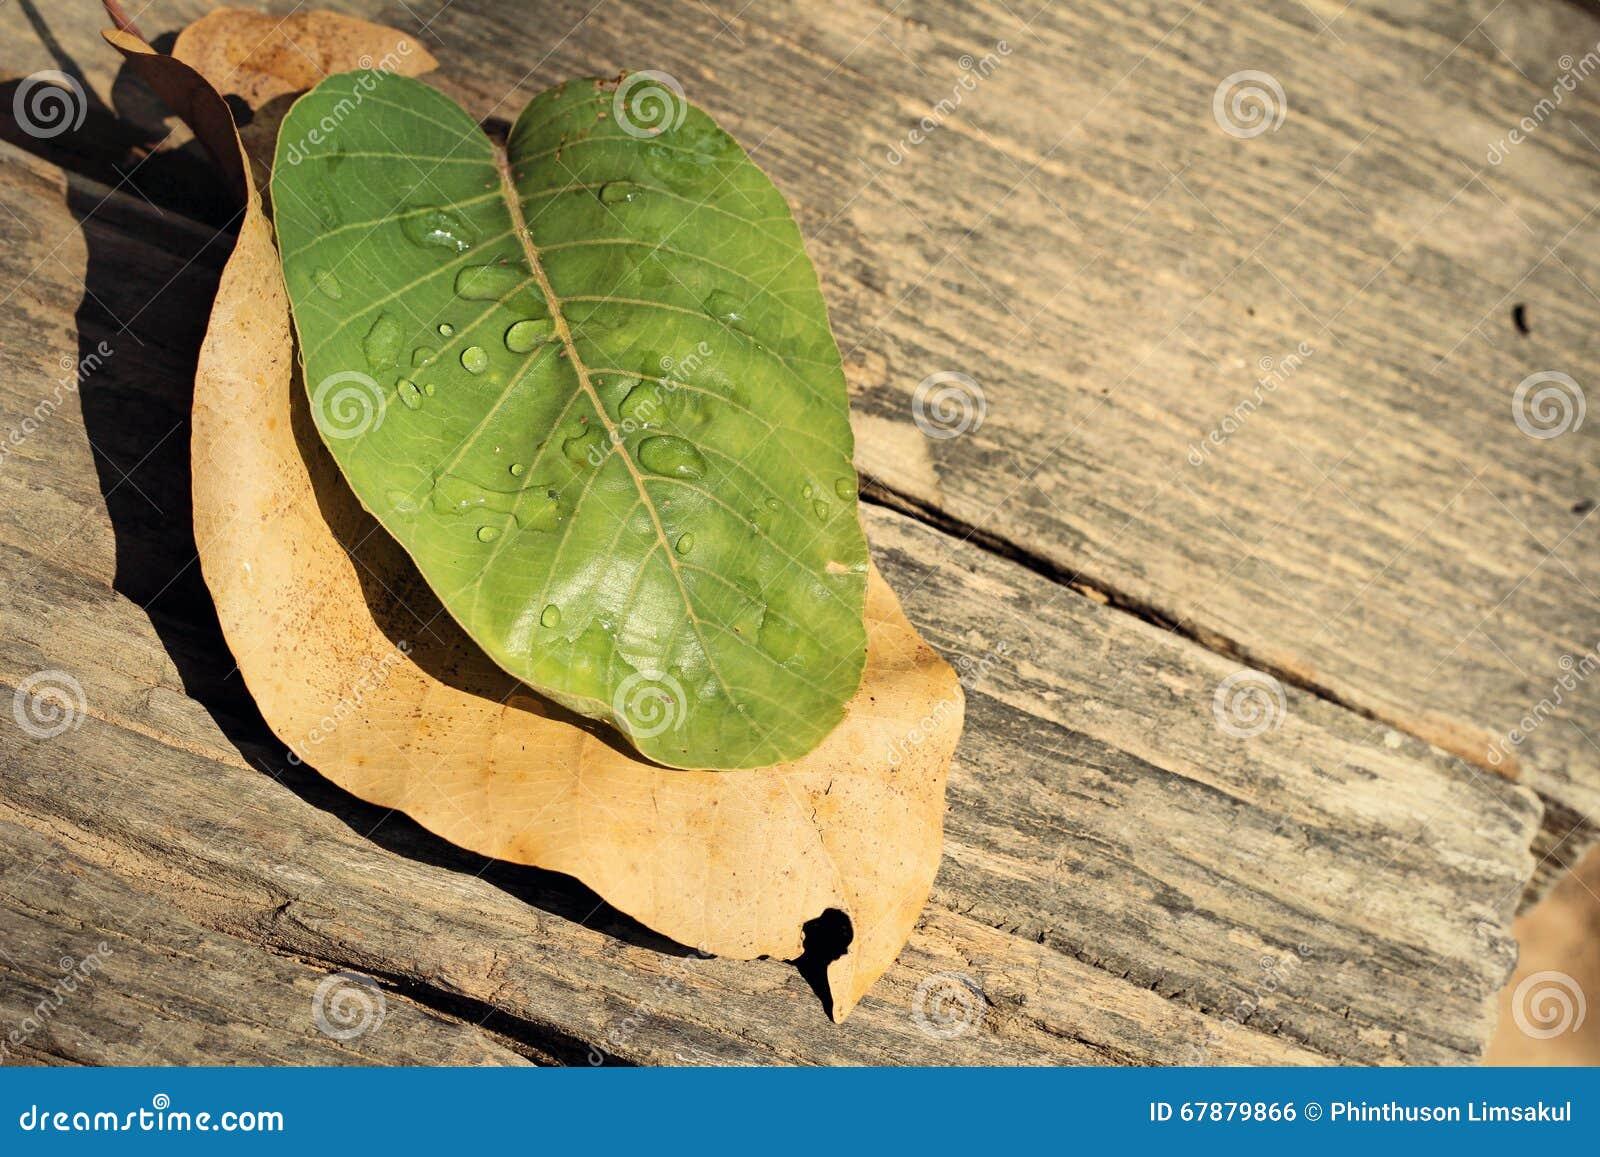 Απελευθερώσεις ύδατος στα φύλλα